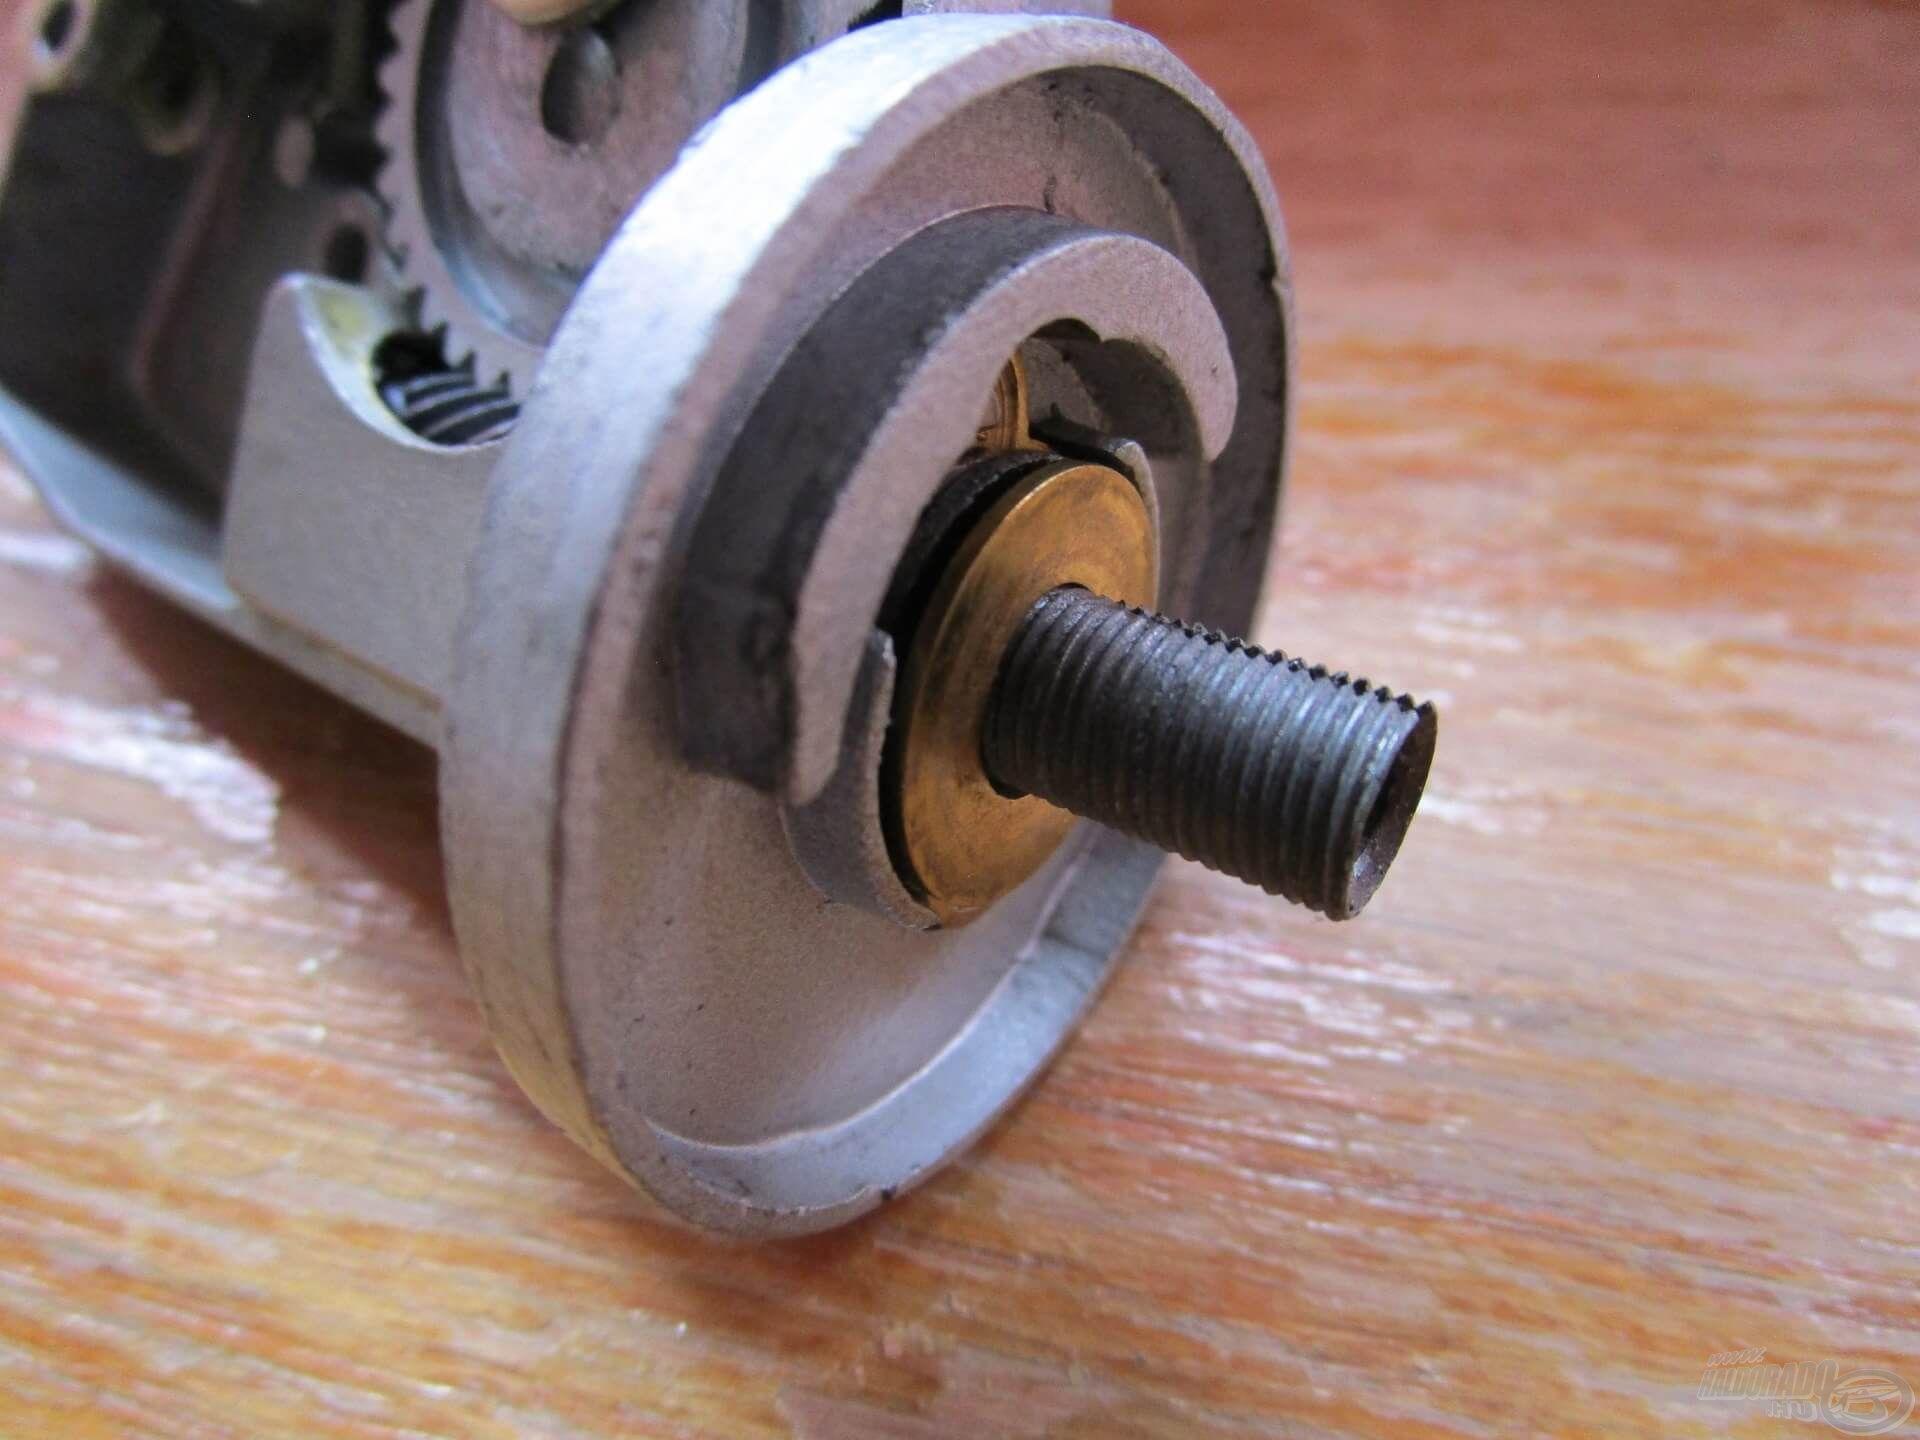 Egy újabb meglepetés: a rotort nem lehetett csak úgy levenni, le kellett tekerni a csigatengelyen található menetről